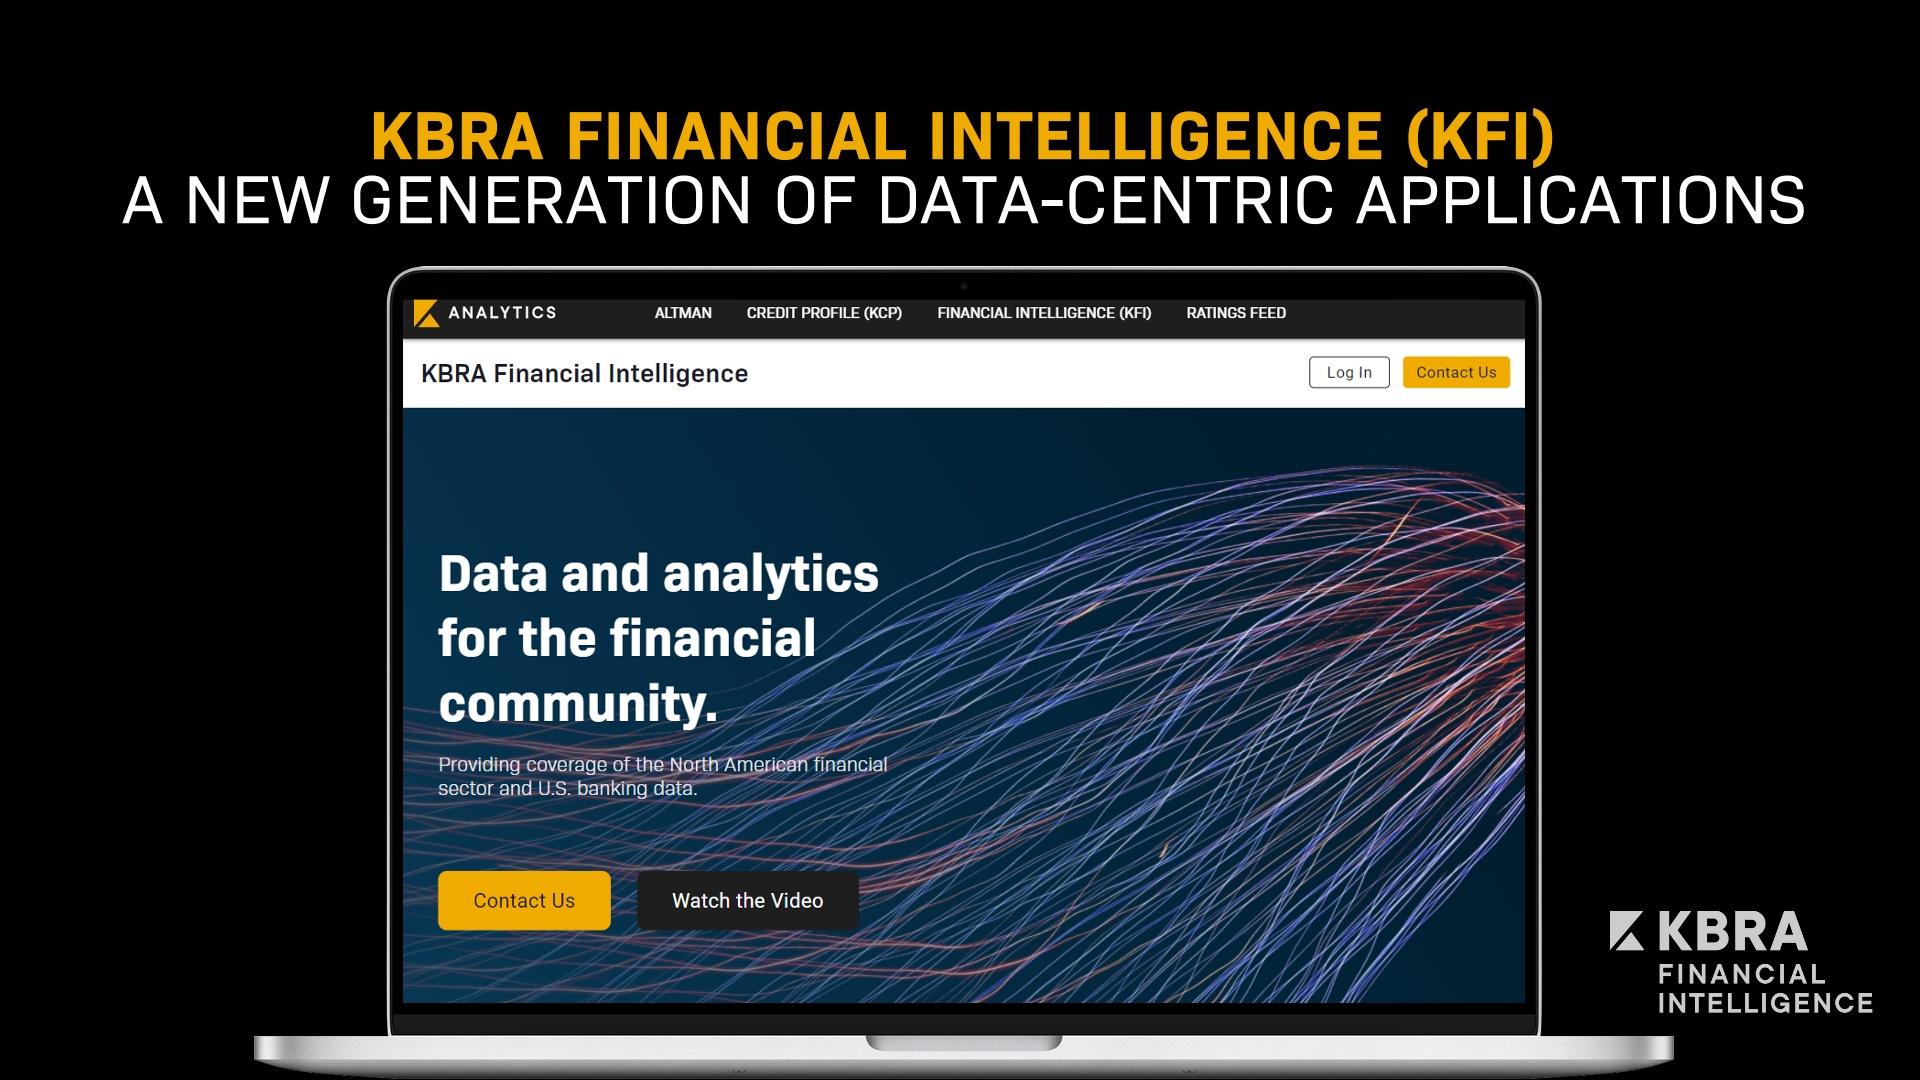 KBRA Financial Intelligence (KFI) - September 2021